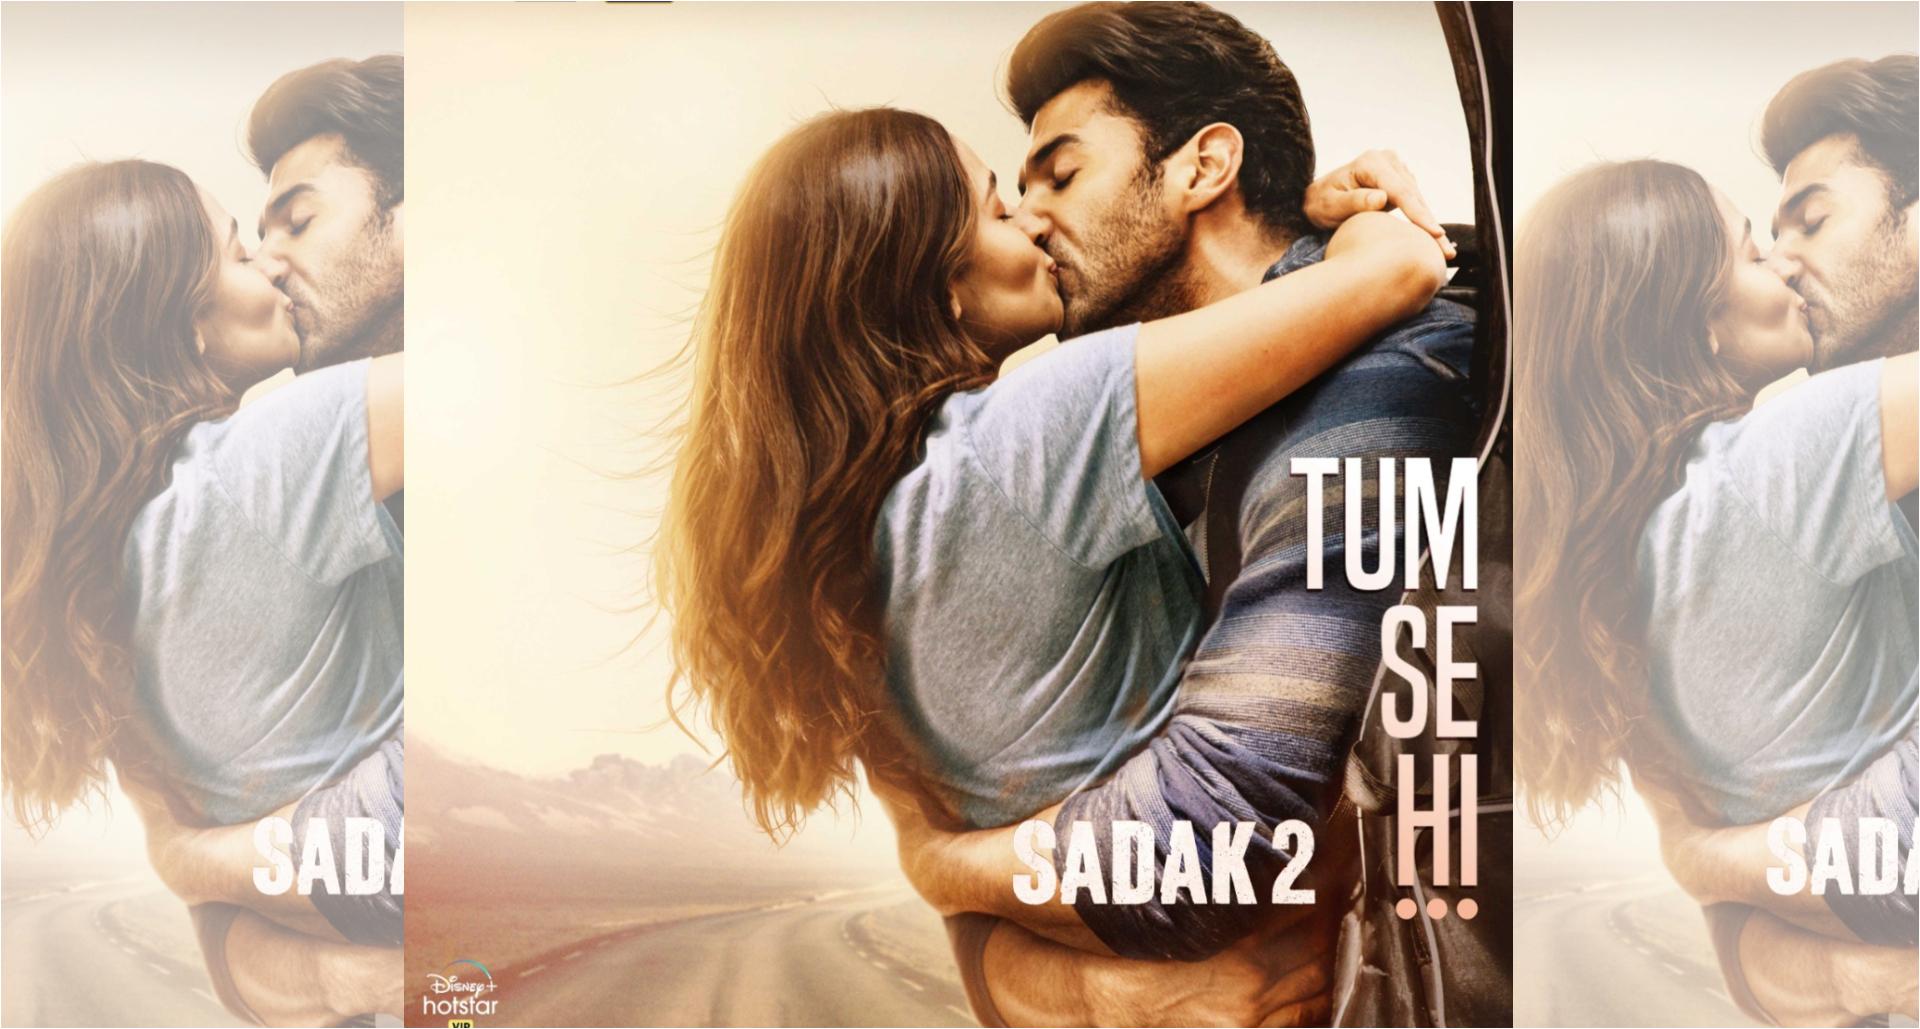 आलिया भट्ट, संजय भट्ट और आदित्य रॉय कपूर की फ़िल्म 'सड़क 2' का रोमांटिक सॉन्ग 'तुम से ही' हुआ रिलीज़!